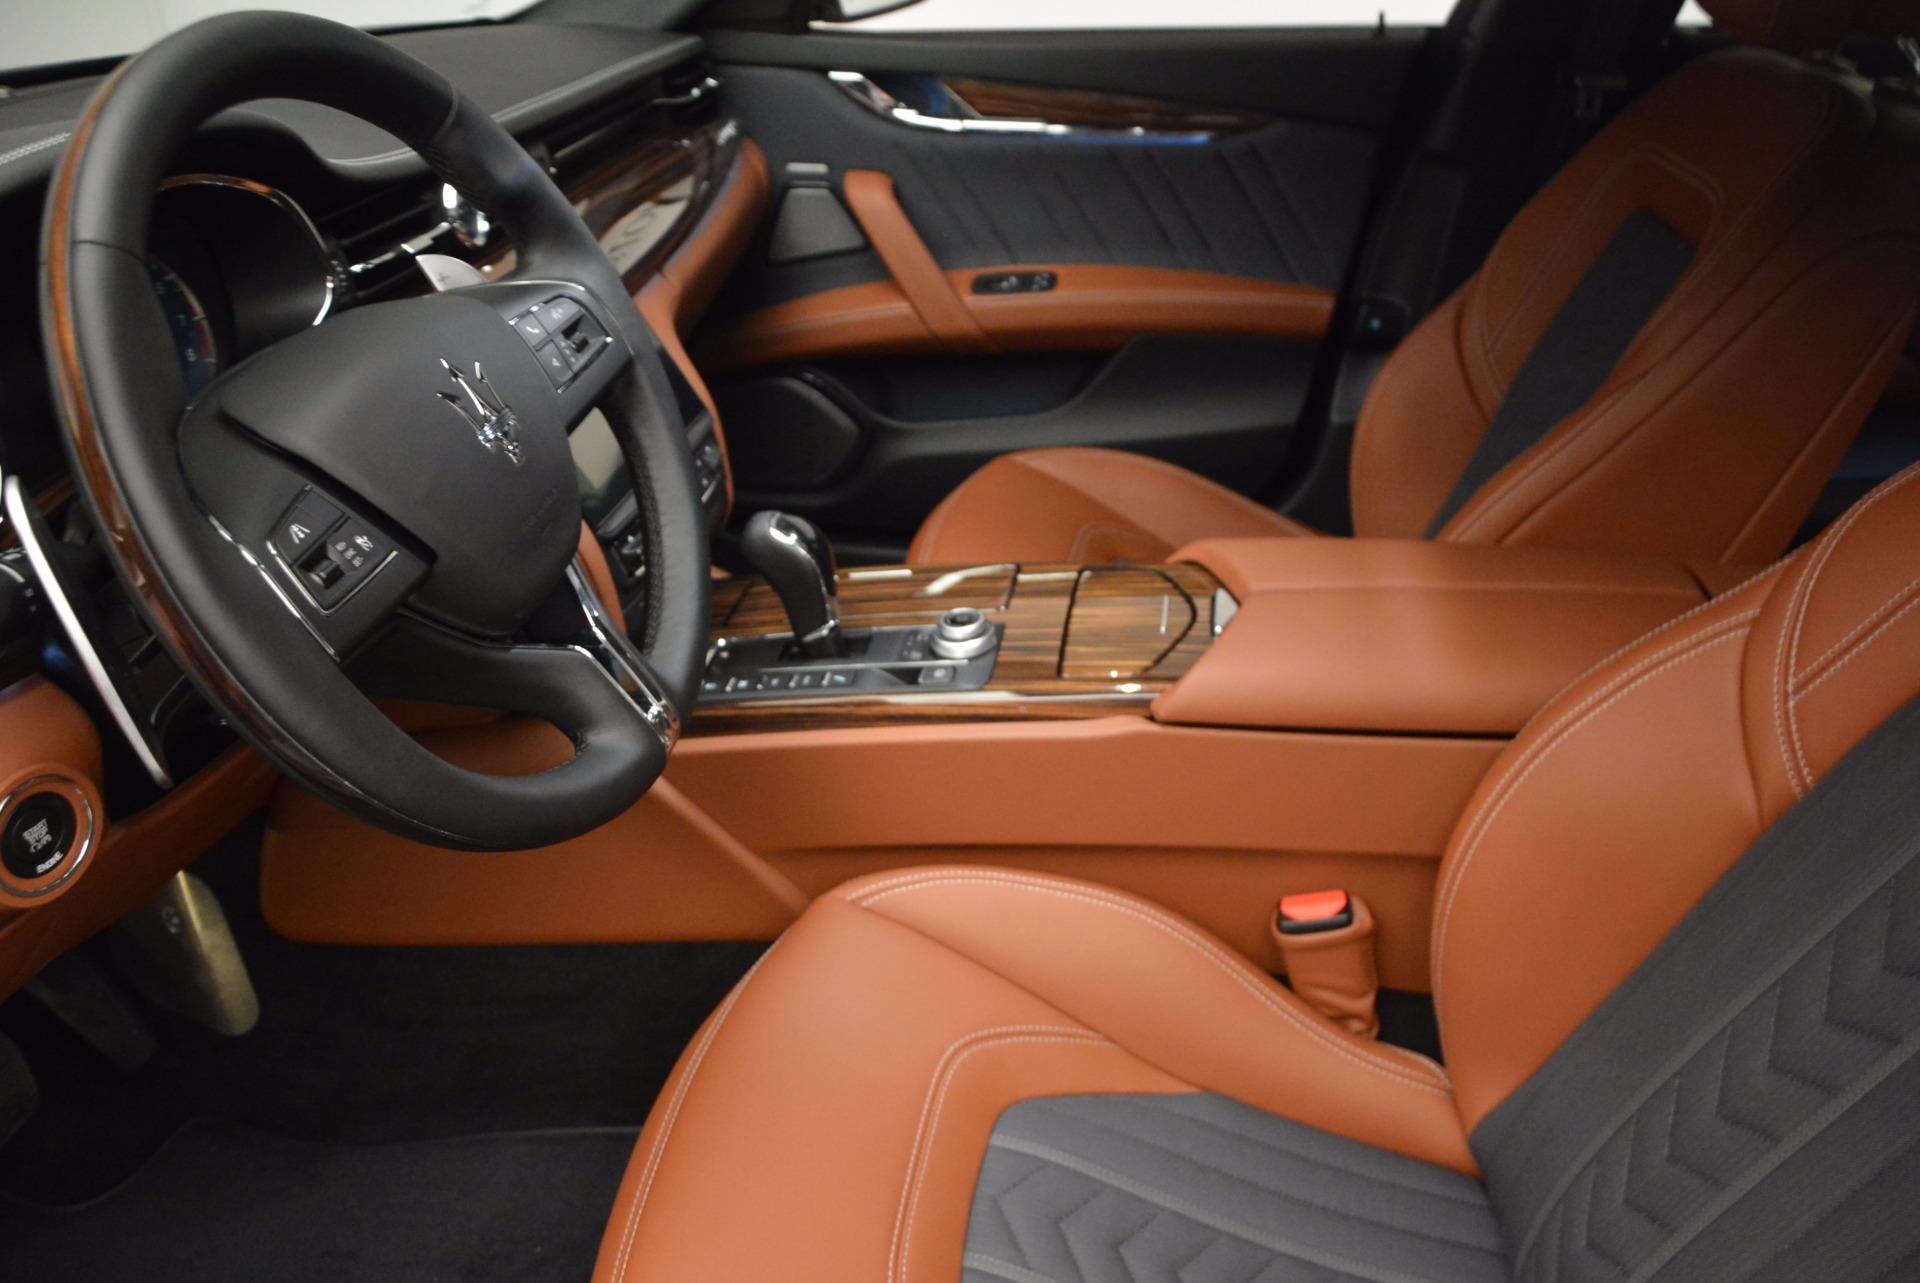 New 2017 Maserati Quattroporte S Q4 GranLusso For Sale In Greenwich, CT 1422_p15